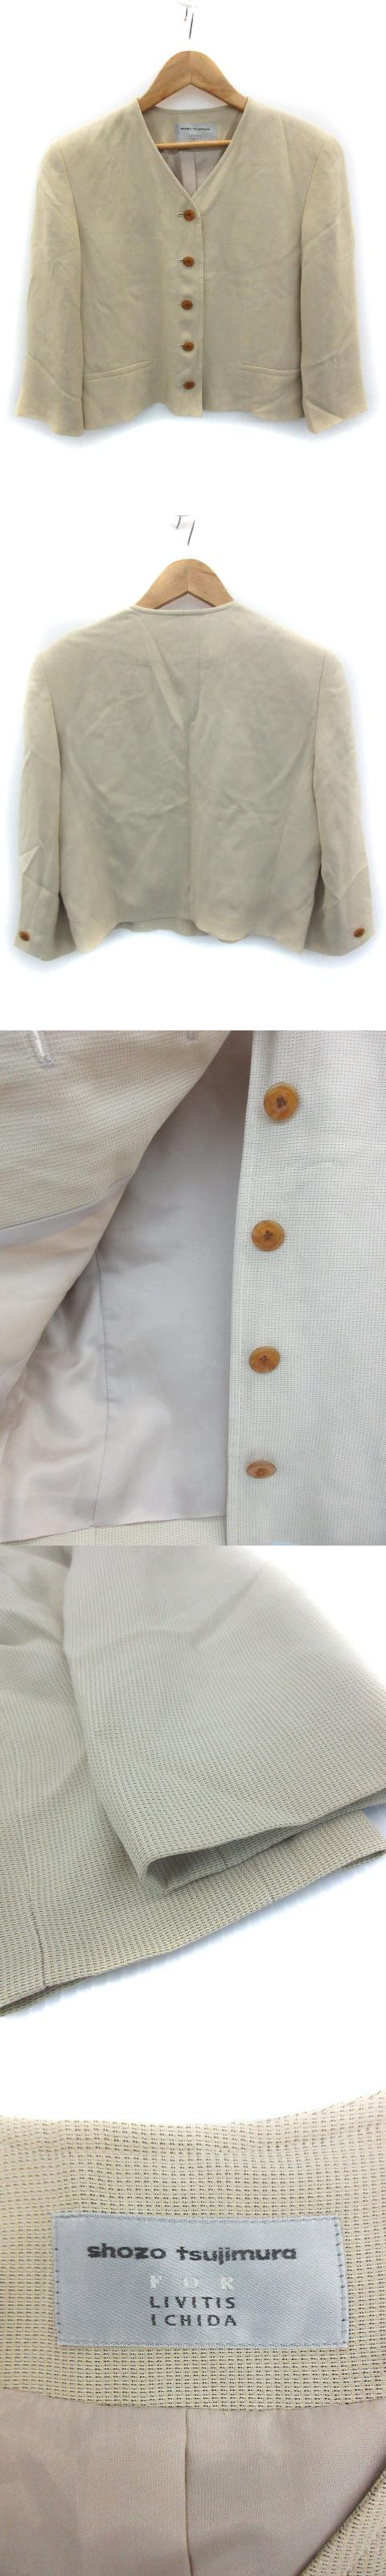 ショウゾウツジムラ shozo tsujimura ジャケット ノーカラー ショート丈 七分袖 シングルボタン 総裏地 11 ベージュ /FF1